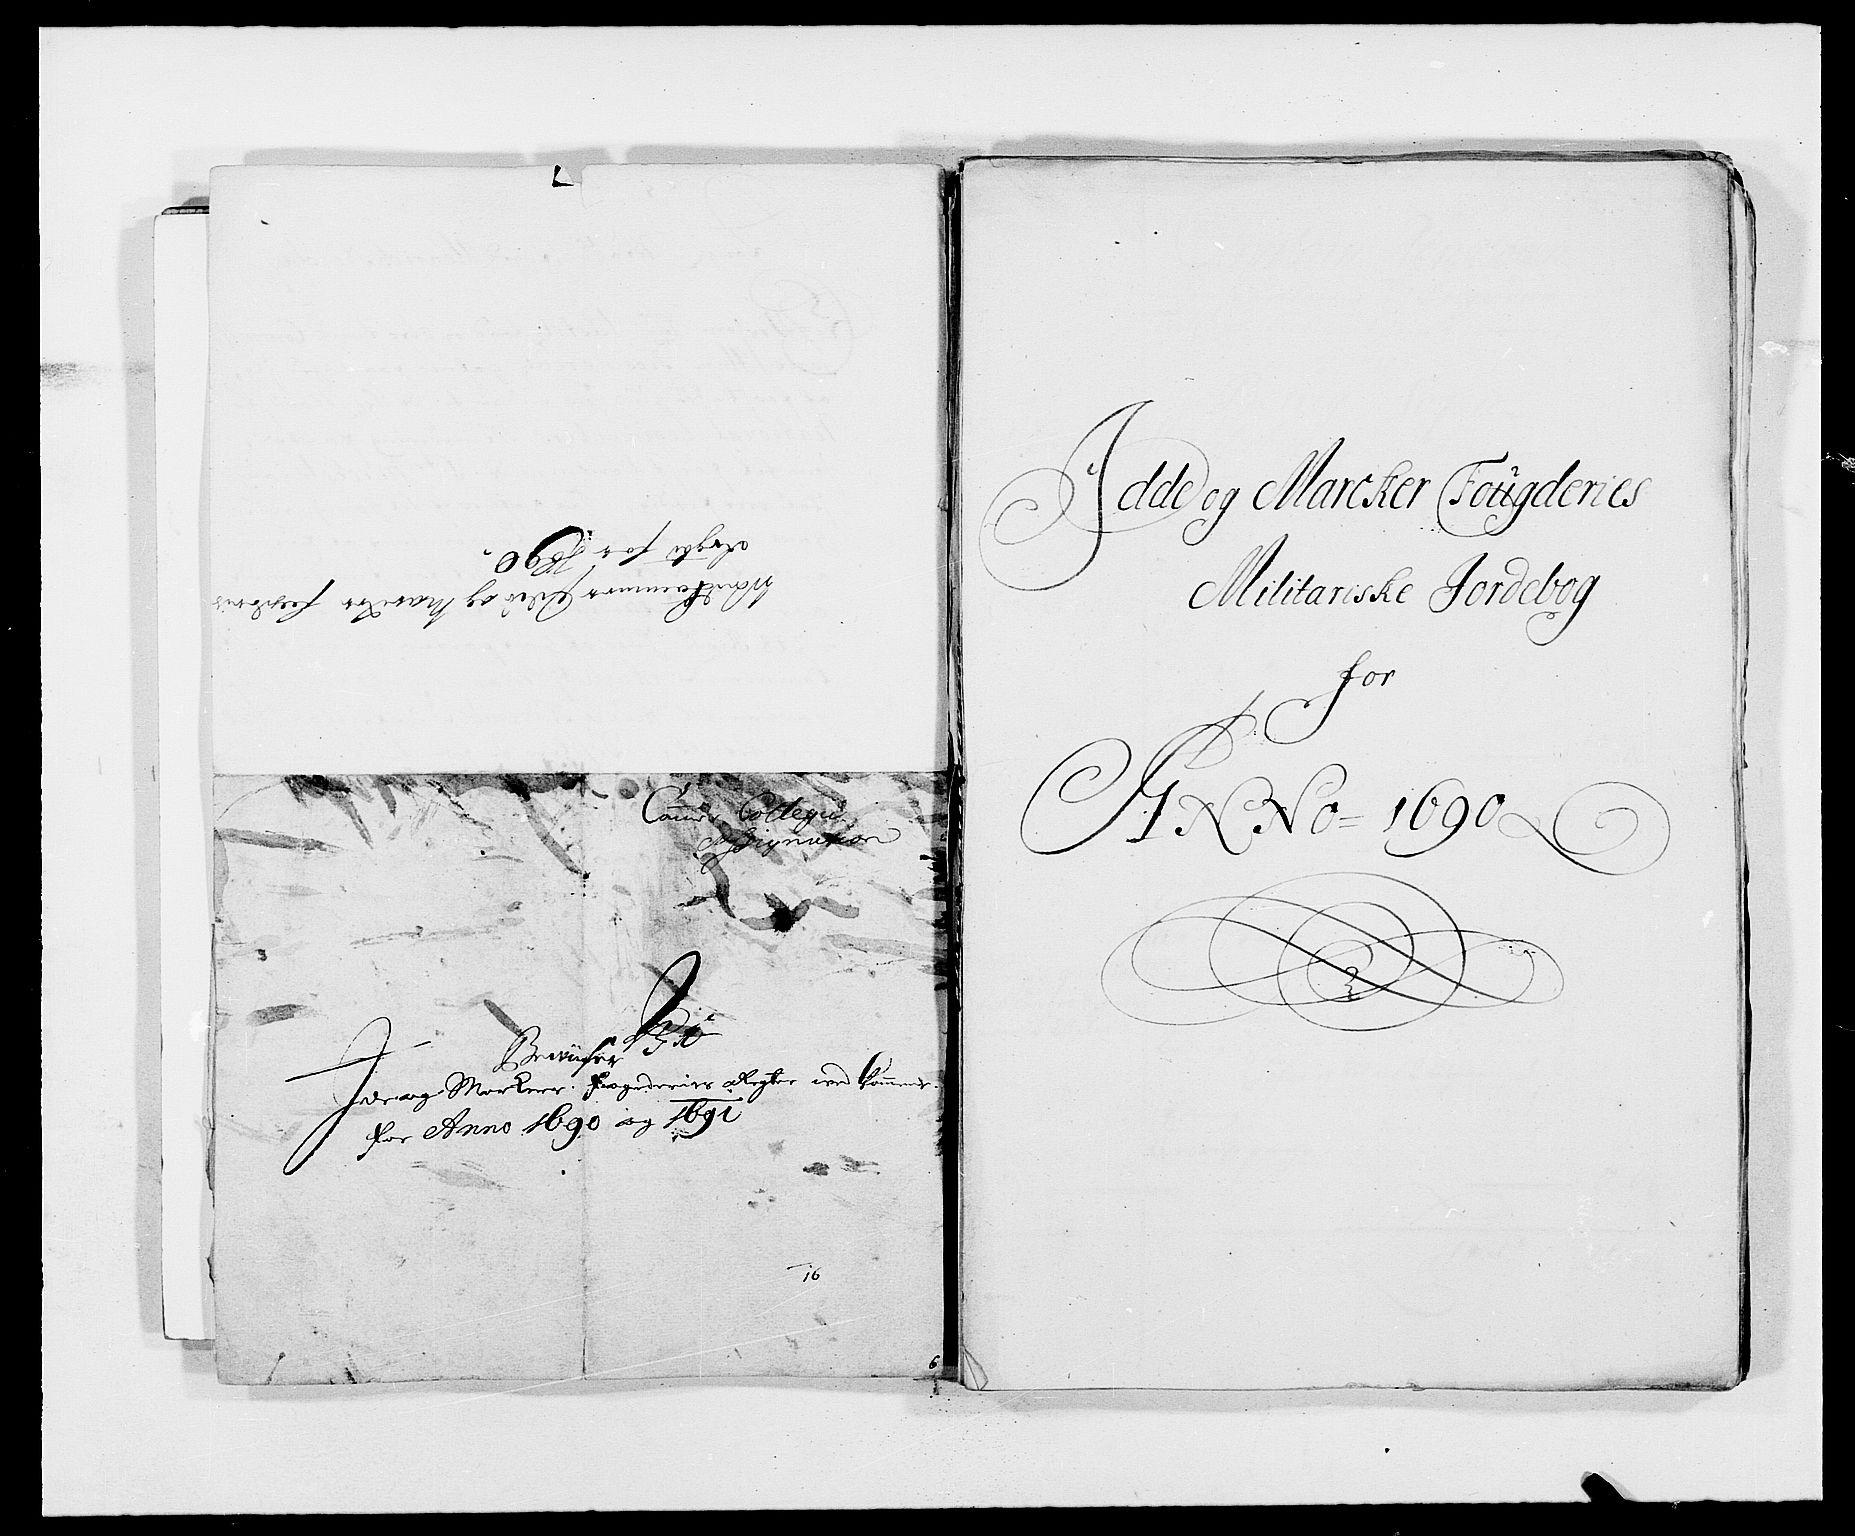 RA, Rentekammeret inntil 1814, Reviderte regnskaper, Fogderegnskap, R01/L0010: Fogderegnskap Idd og Marker, 1690-1691, p. 44